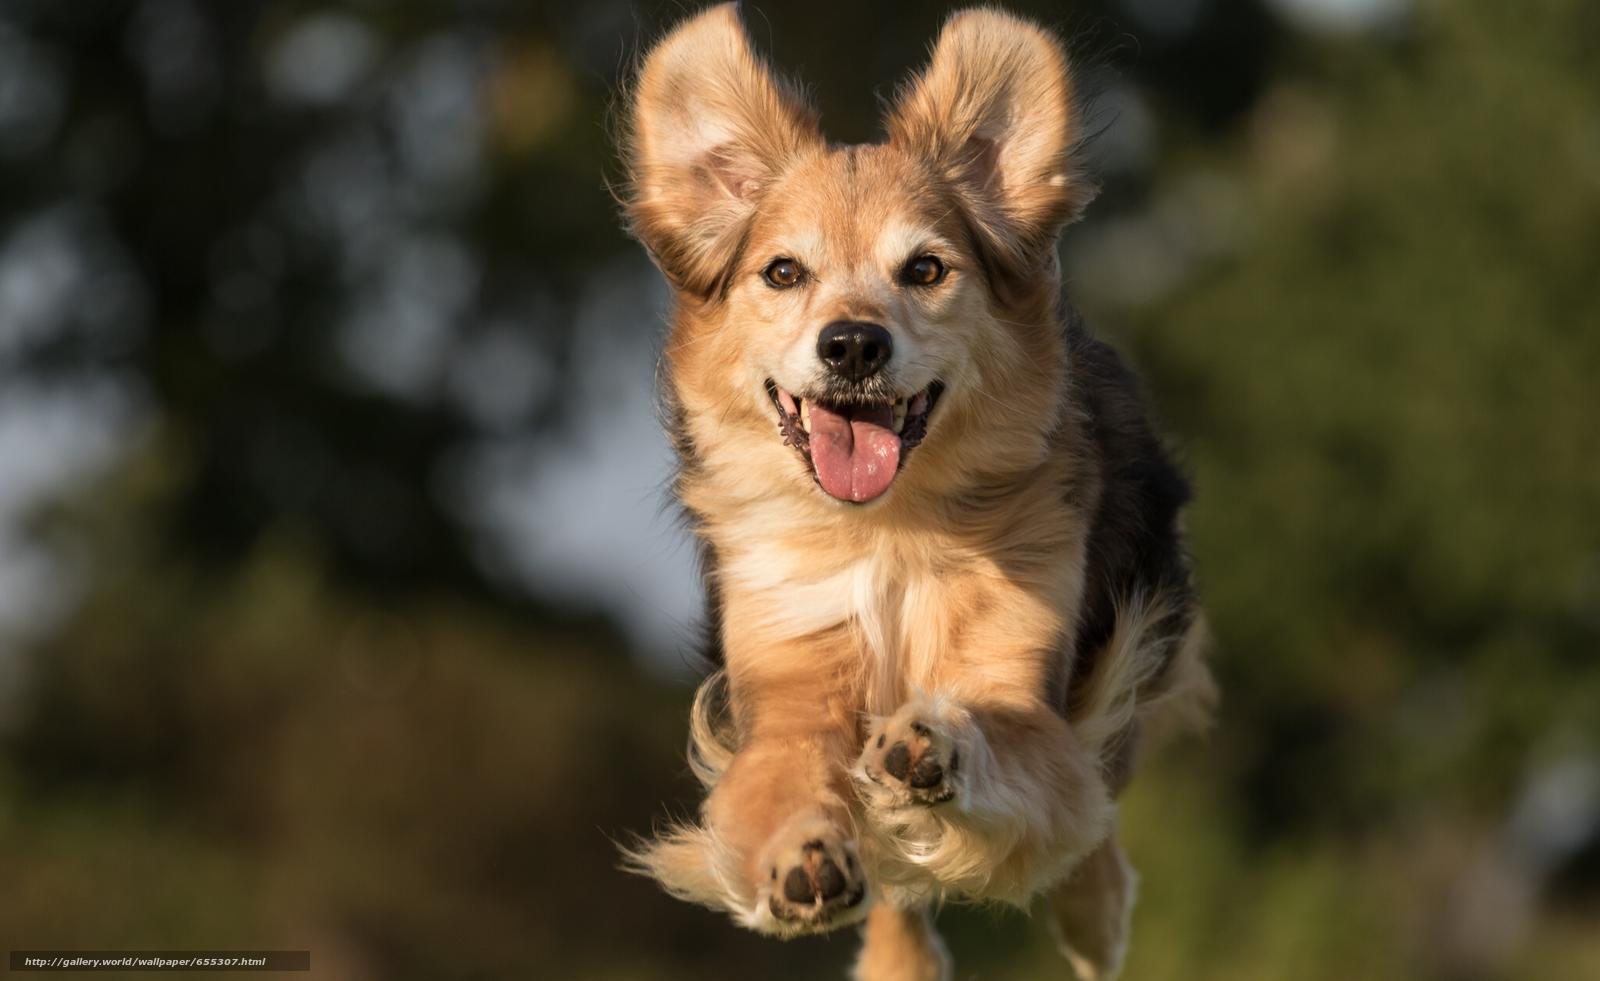 Скачать обои собака,  прыжок,  радость,  настроение бесплатно для рабочего стола в разрешении 2048x1256 — картинка №655307